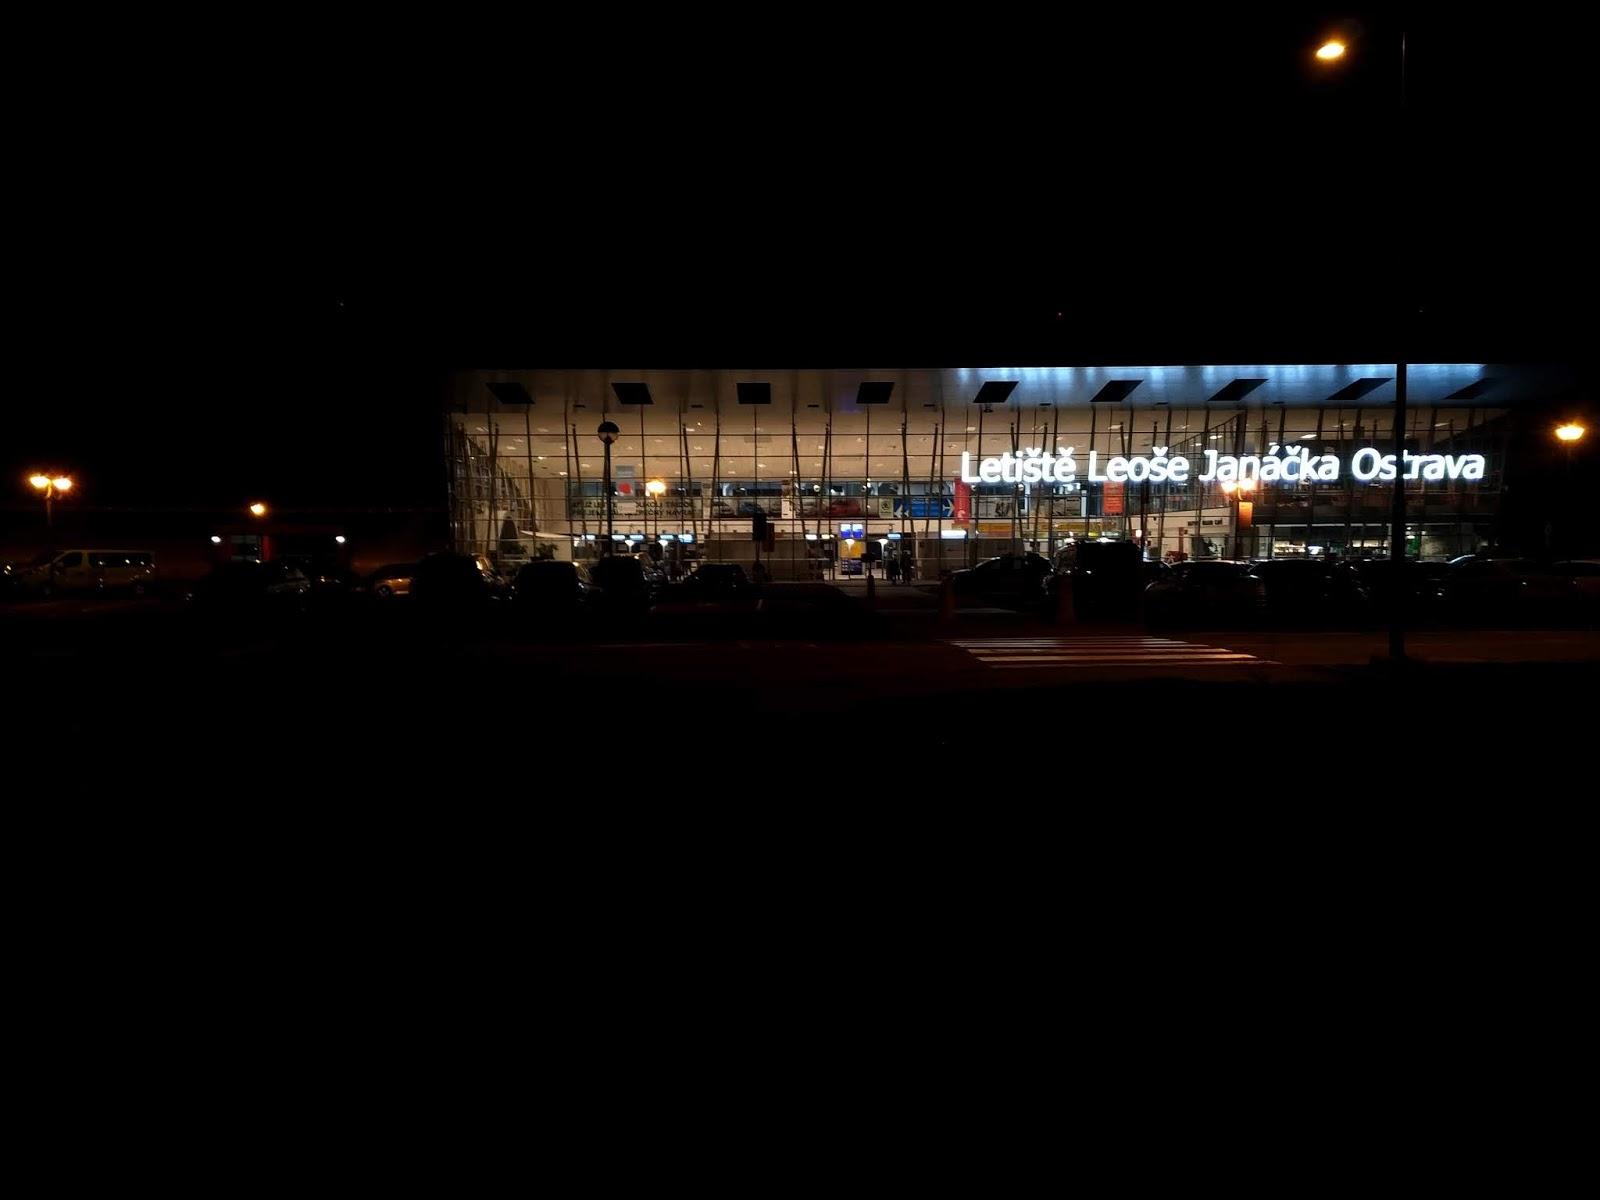 letiště leoše janáčka